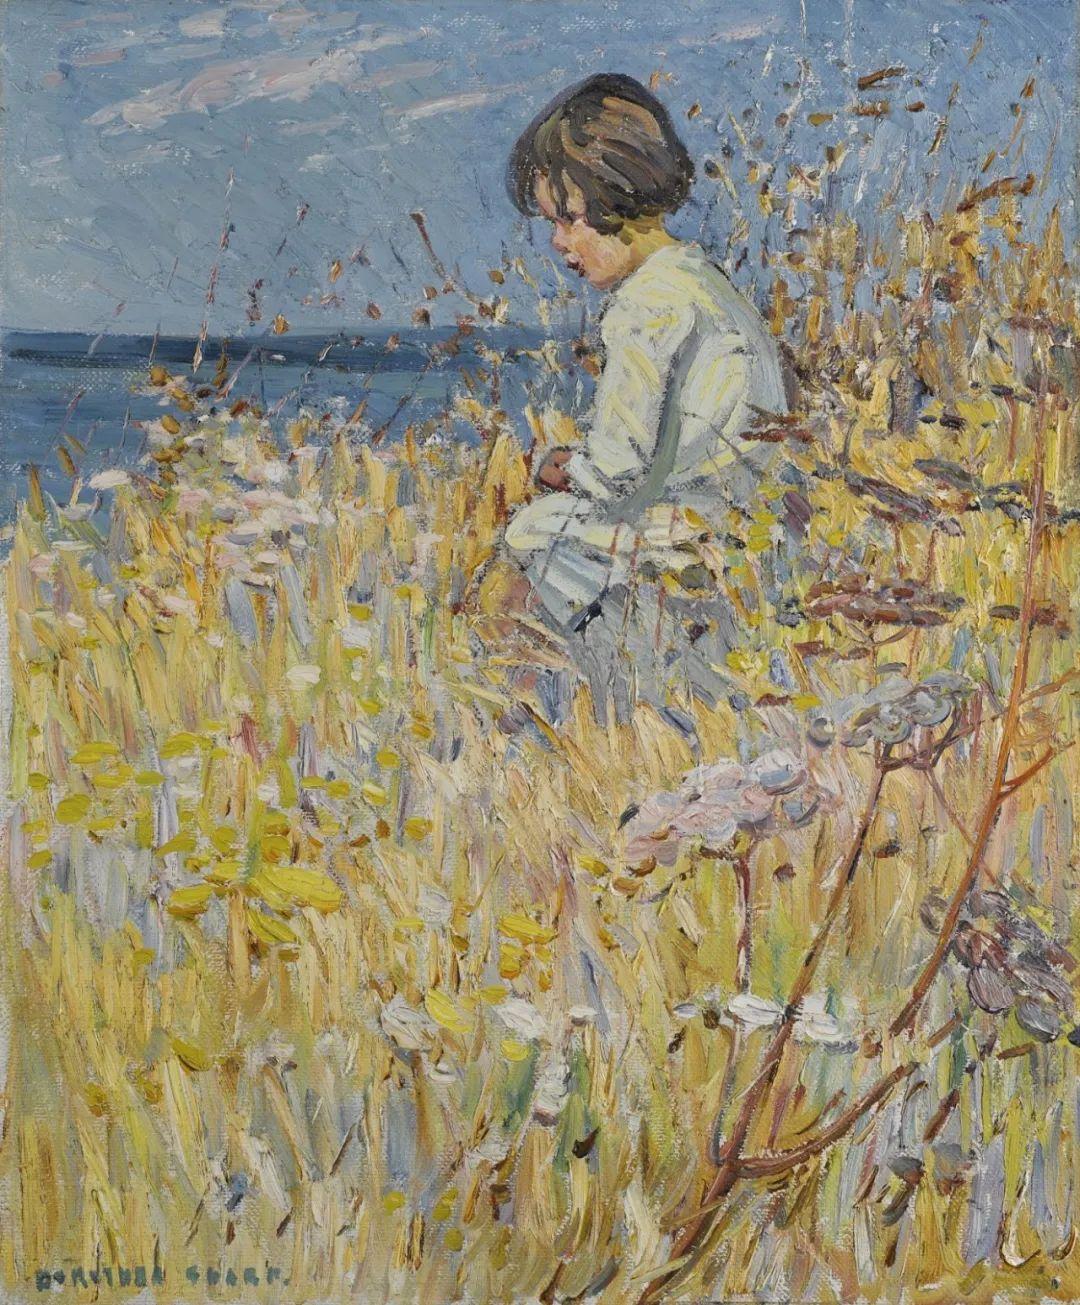 充满着写意风格的绘画,20世纪英国最伟大的女画家之一夏普插图27